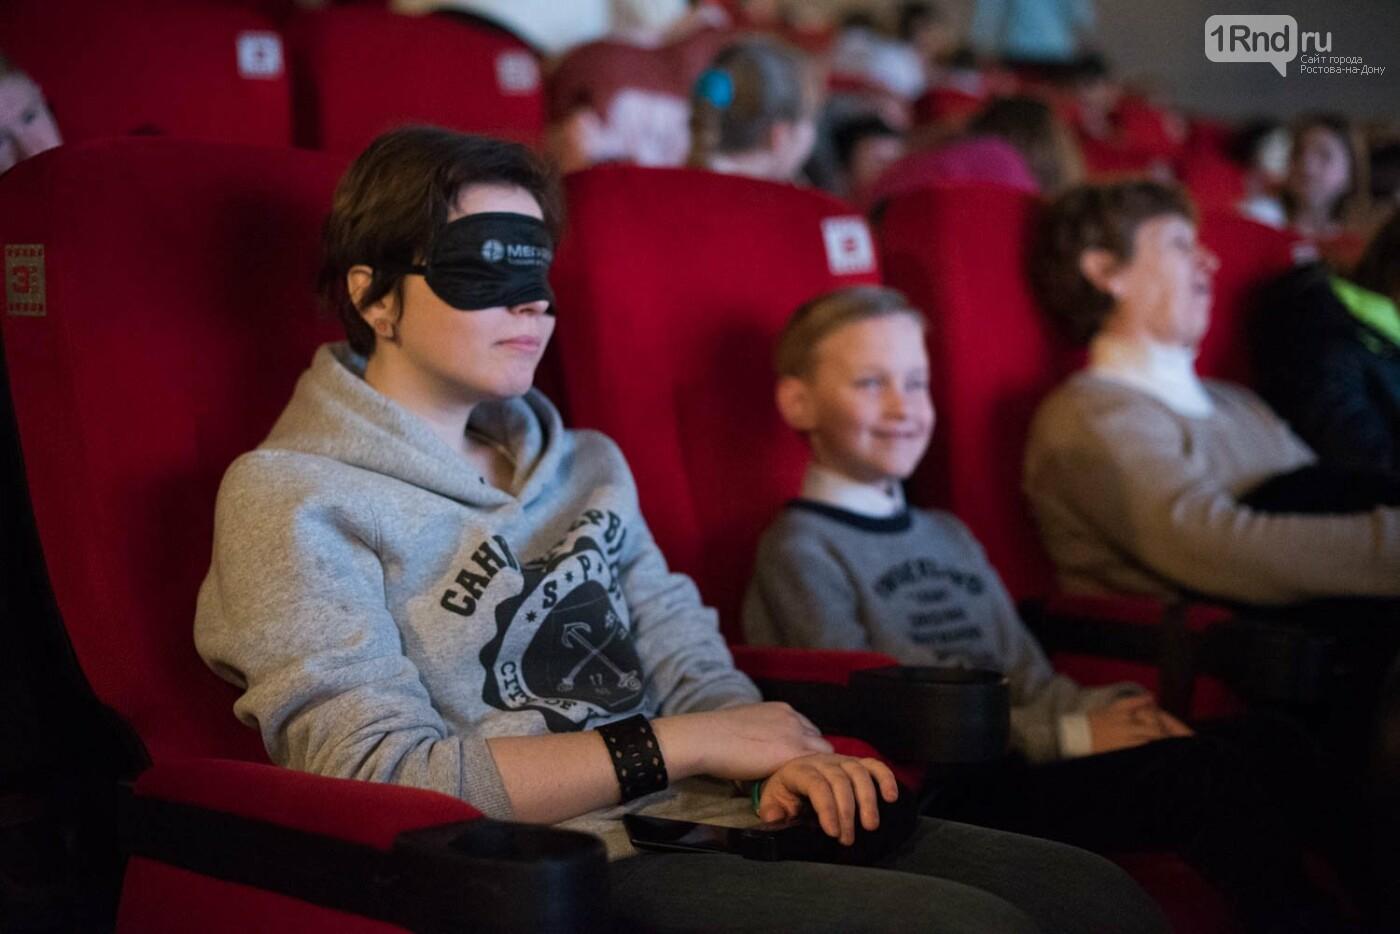 В Ростове прошел пятый показ фильма с тифлокомментариями , фото-1, Фото: предоставлено партнером